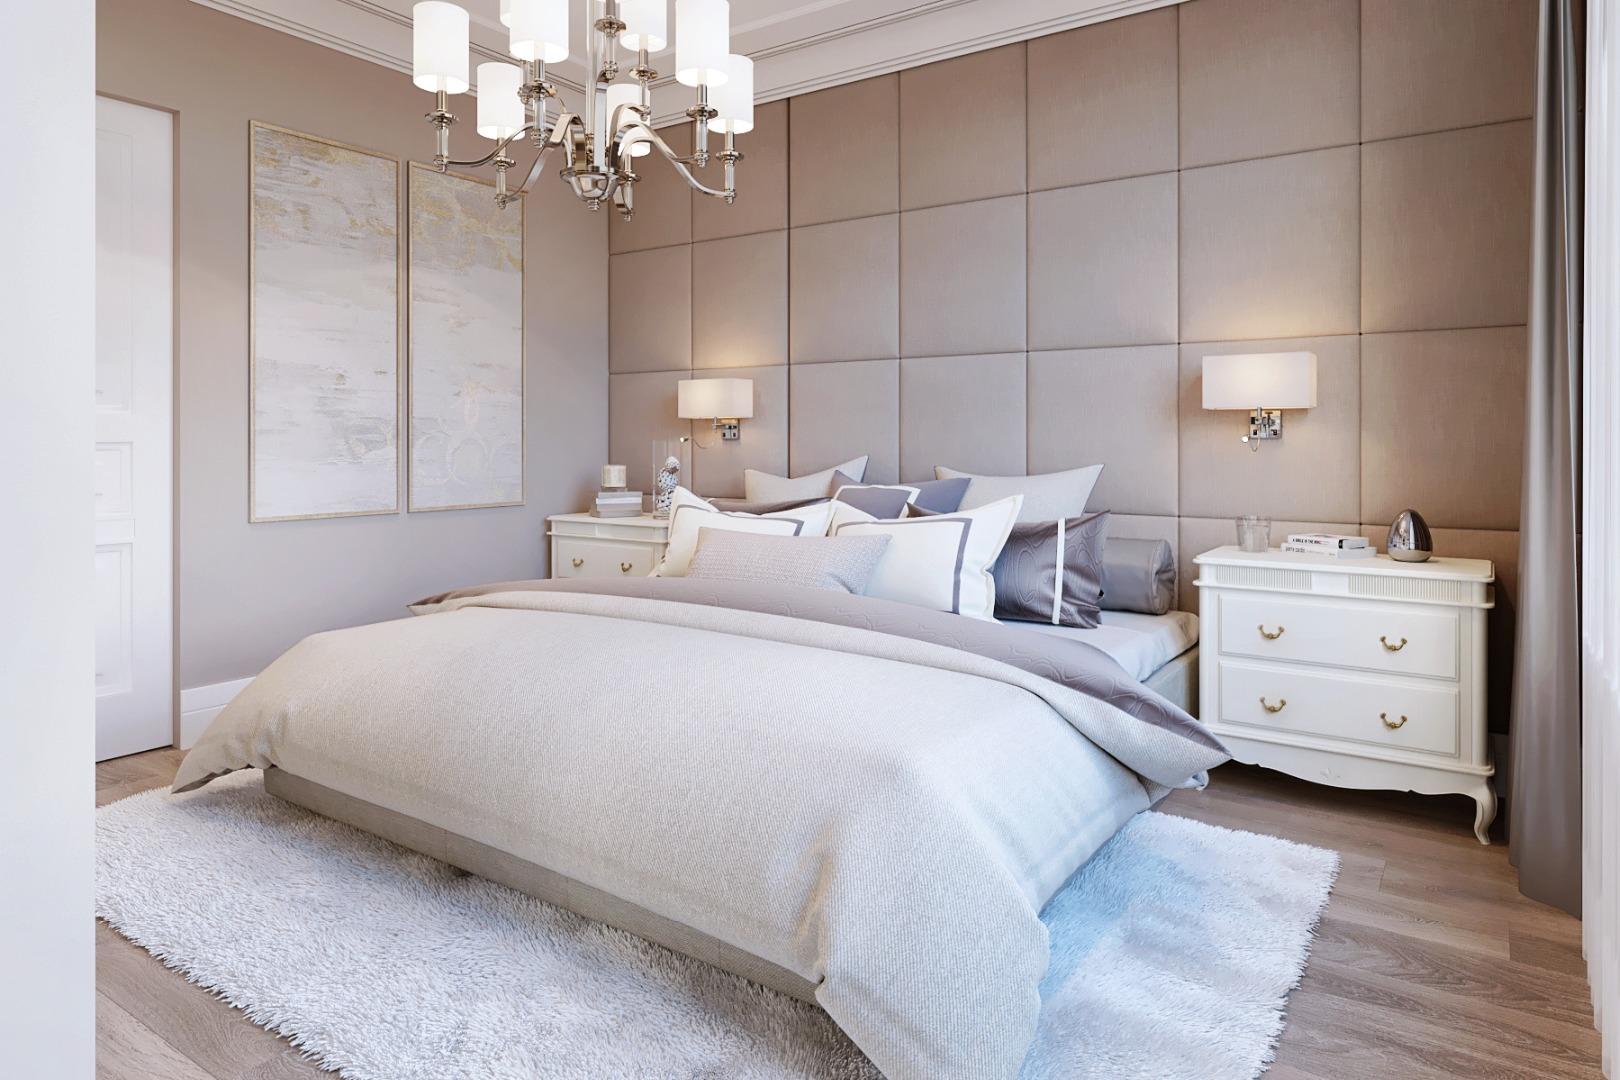 Реальные примеры дизайна спальни — фото, идеи, новинки, сочетание цвета и стиля